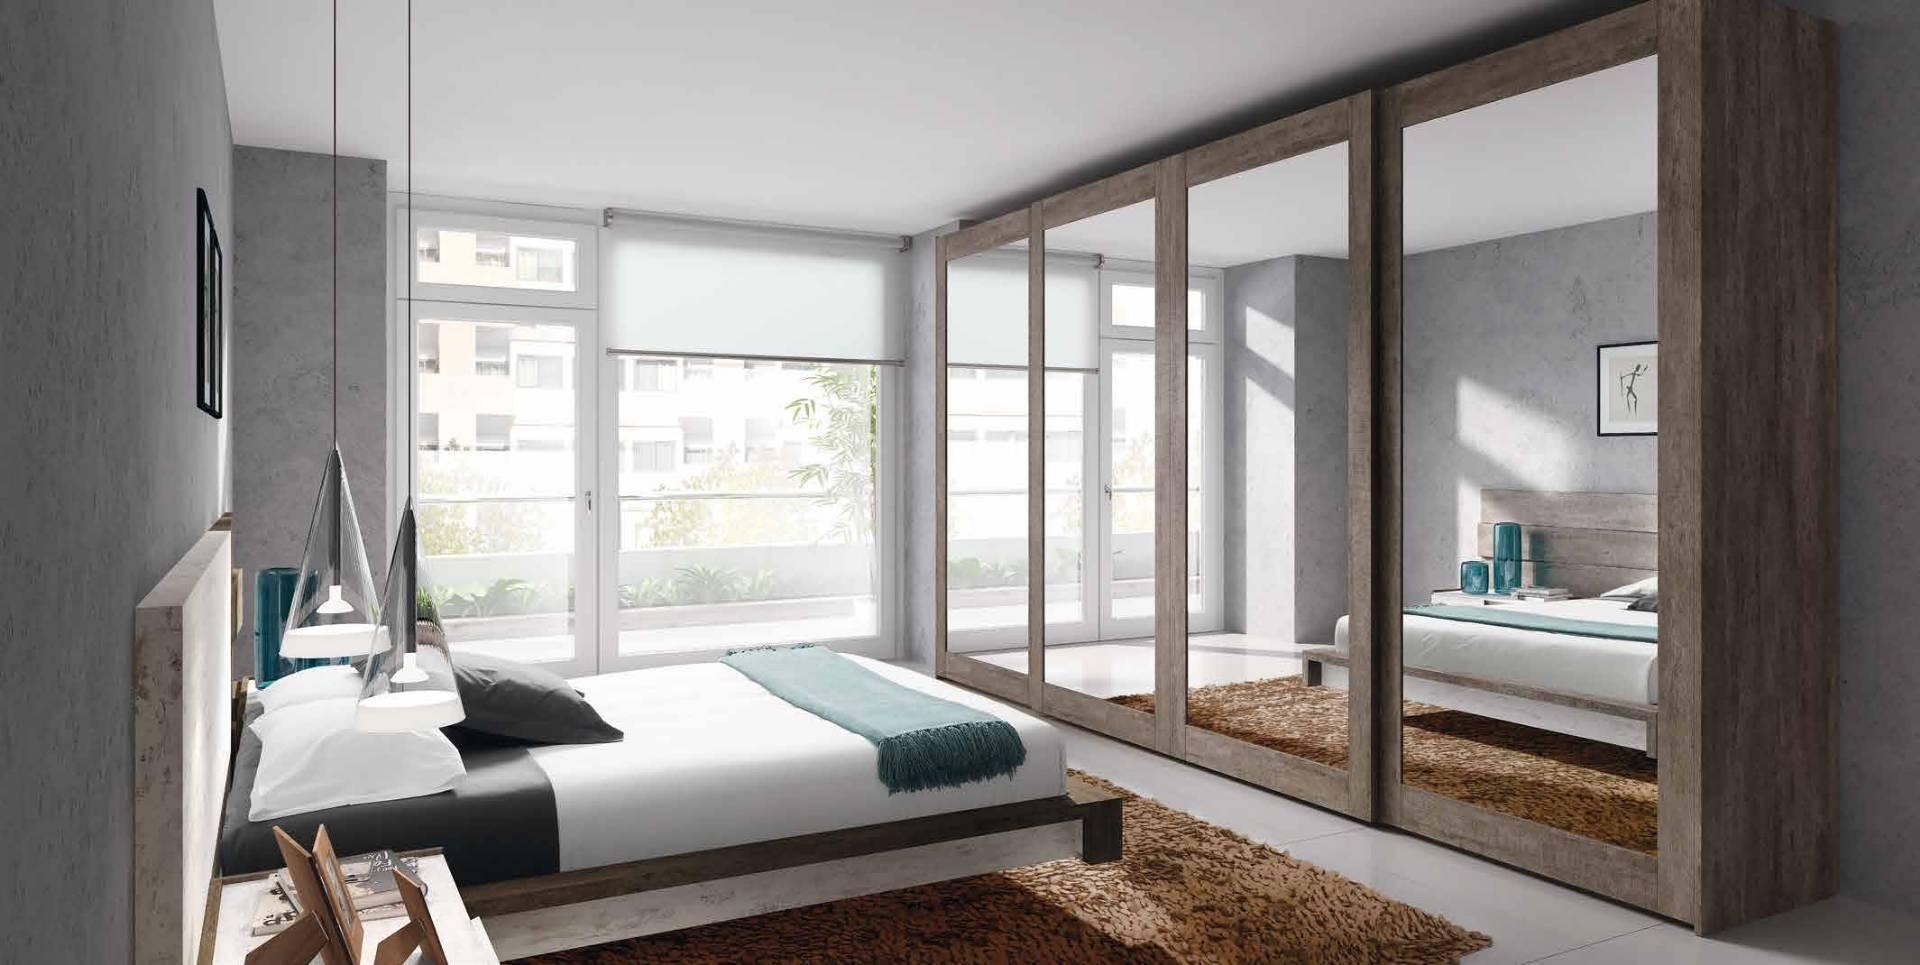 El armario ideal para tu dormitorio armarios dormitorios de matrimonio - Armarios de dormitorio merkamueble ...